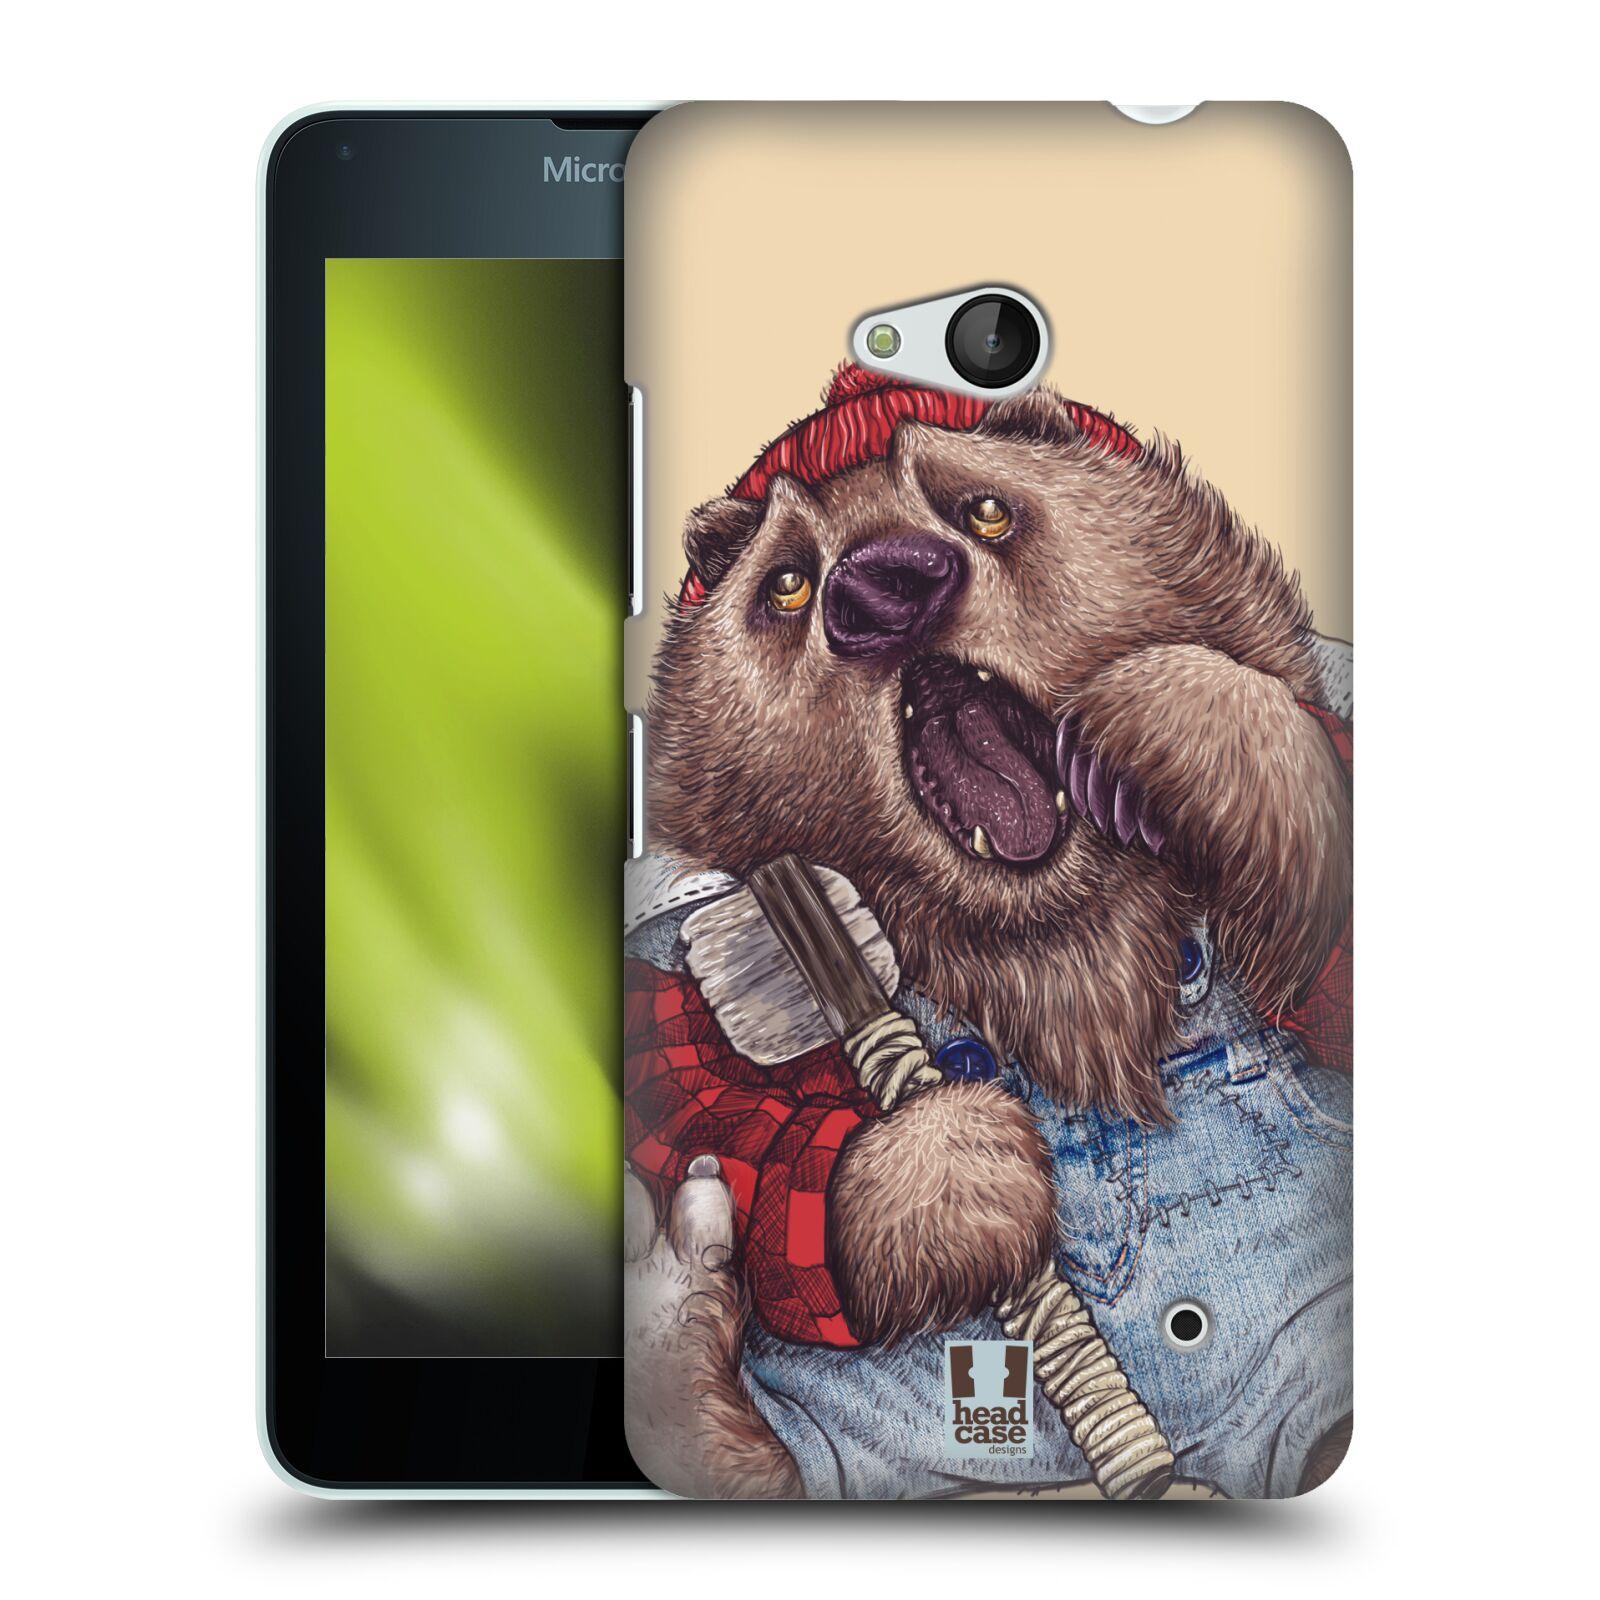 HEAD CASE plastový obal na mobil Nokia Lumia 640 vzor Kreslená zvířátka medvěd